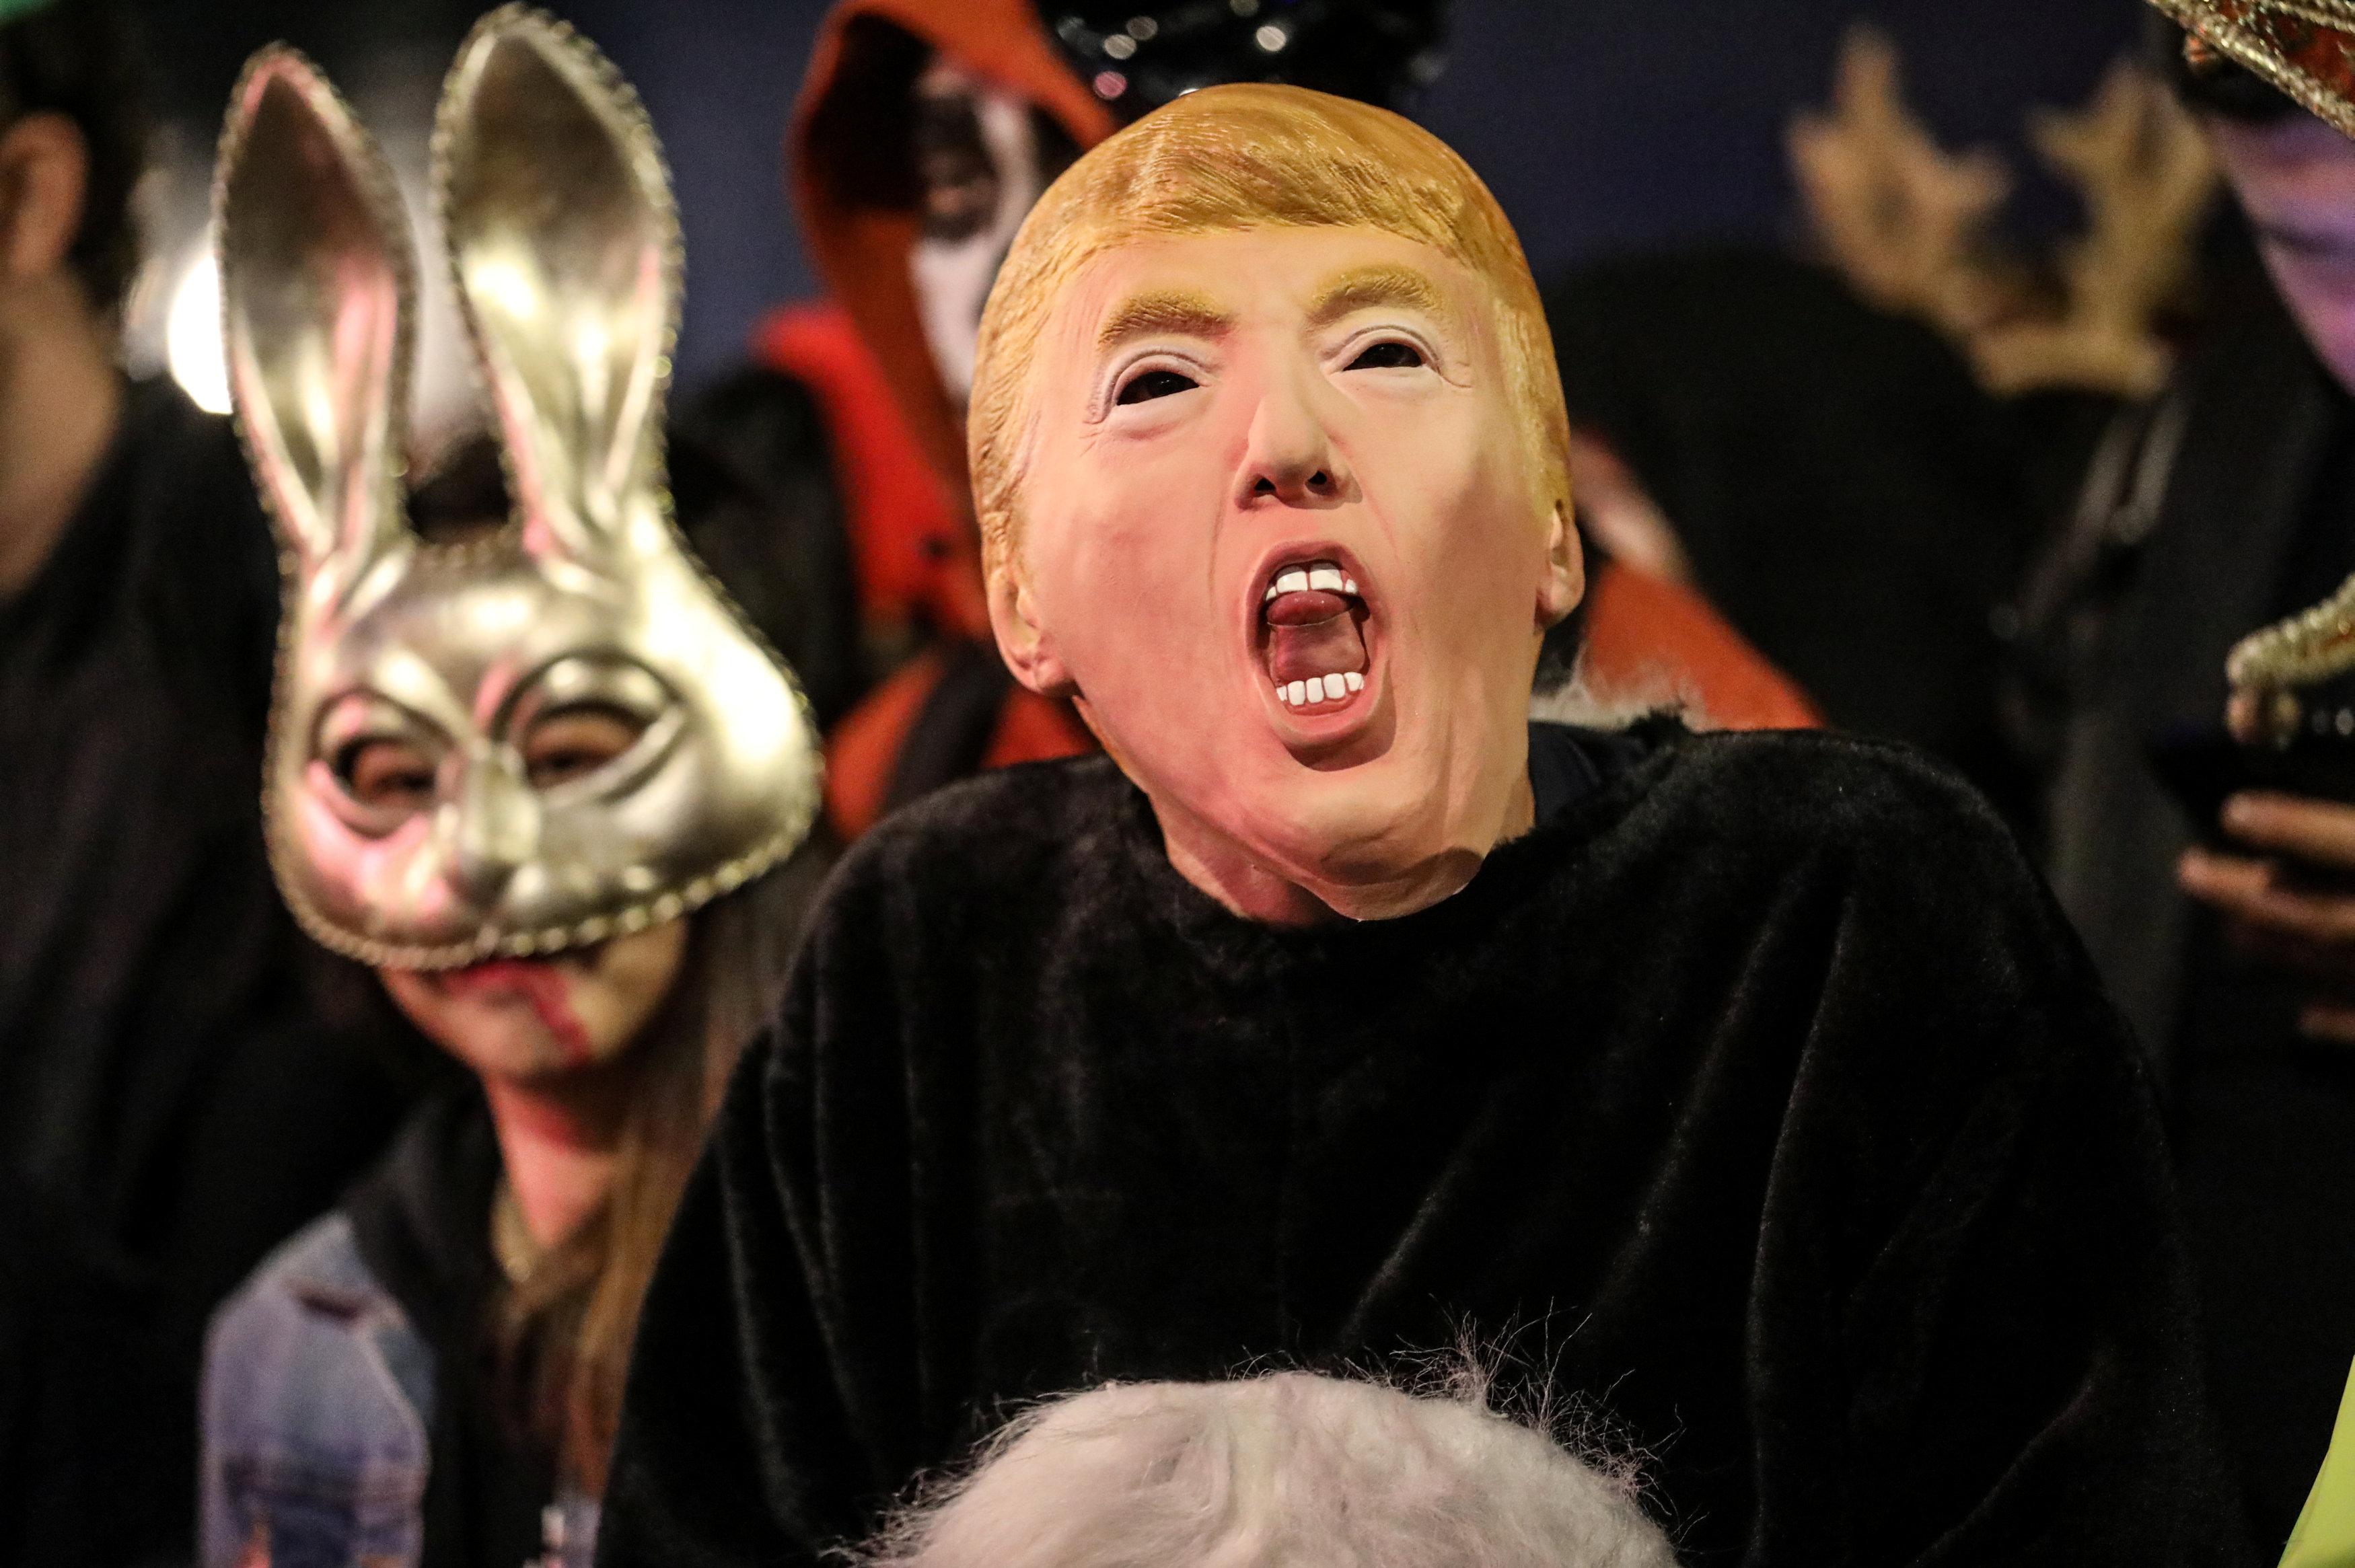 مشاركون في إحتفالات الهالوين في أمريكا يرتدون قناع الرئيس الأمريكي دونالد ترامب